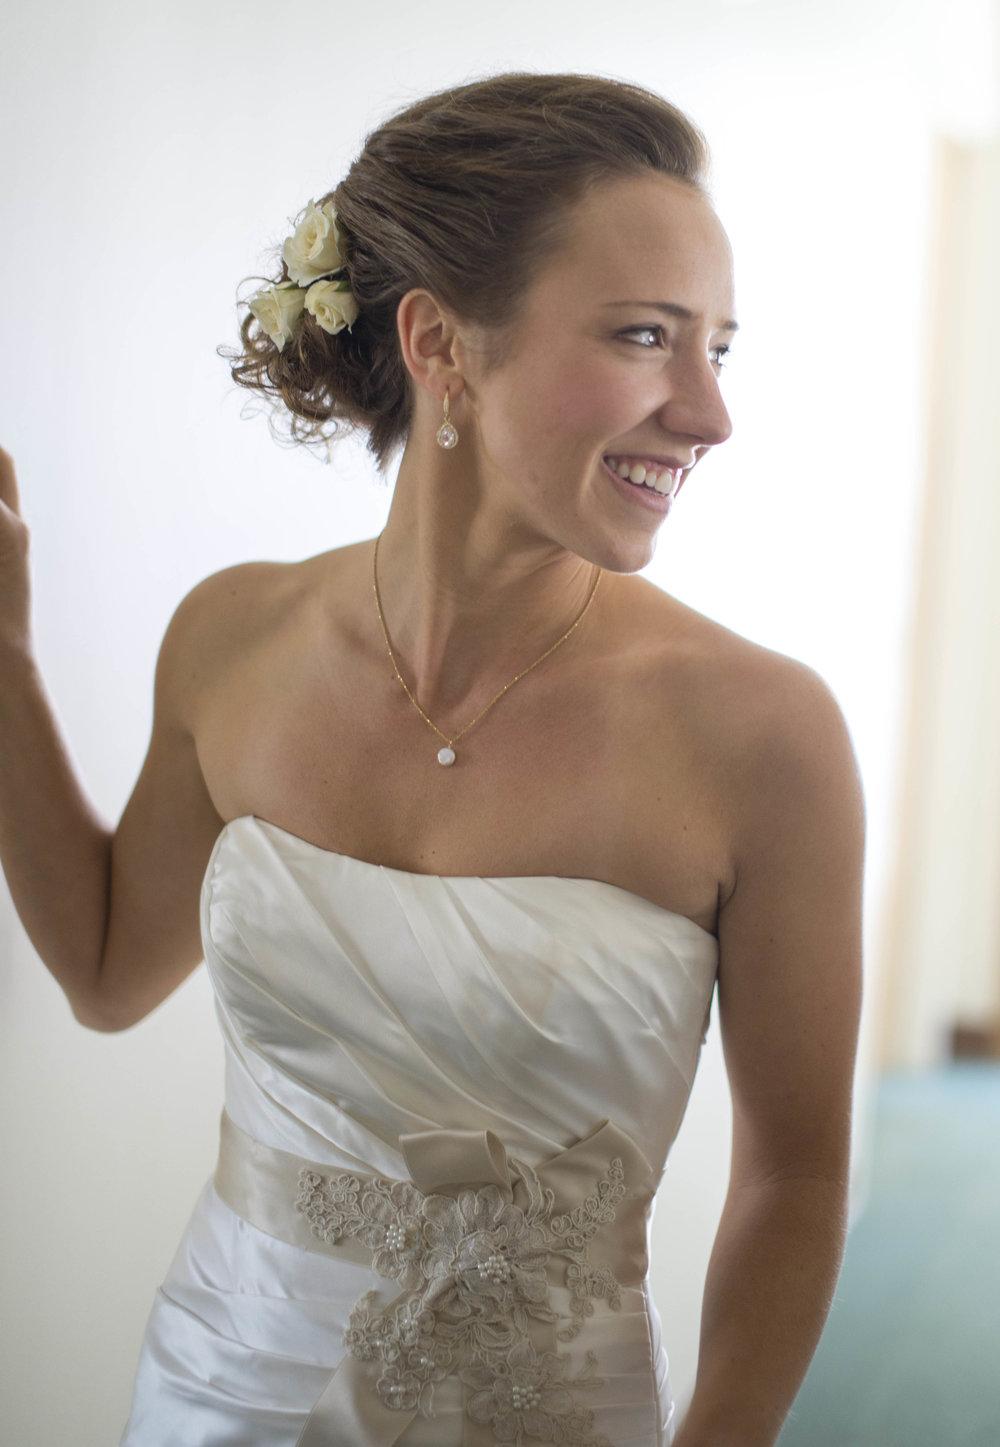 wedding-photos_12591882853_o.jpg